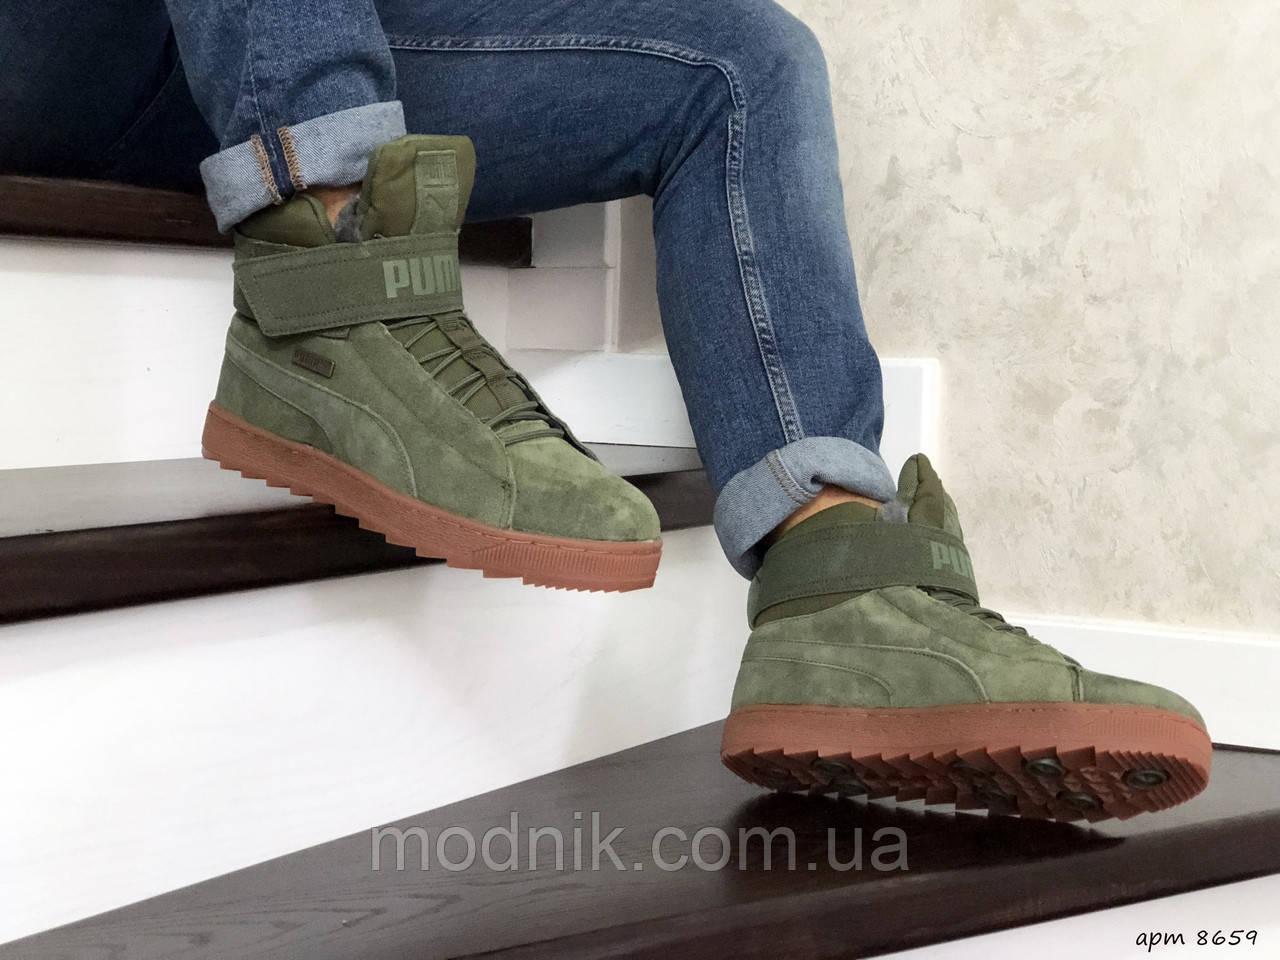 Мужские зимние кроссовки Puma (темно-зеленые)